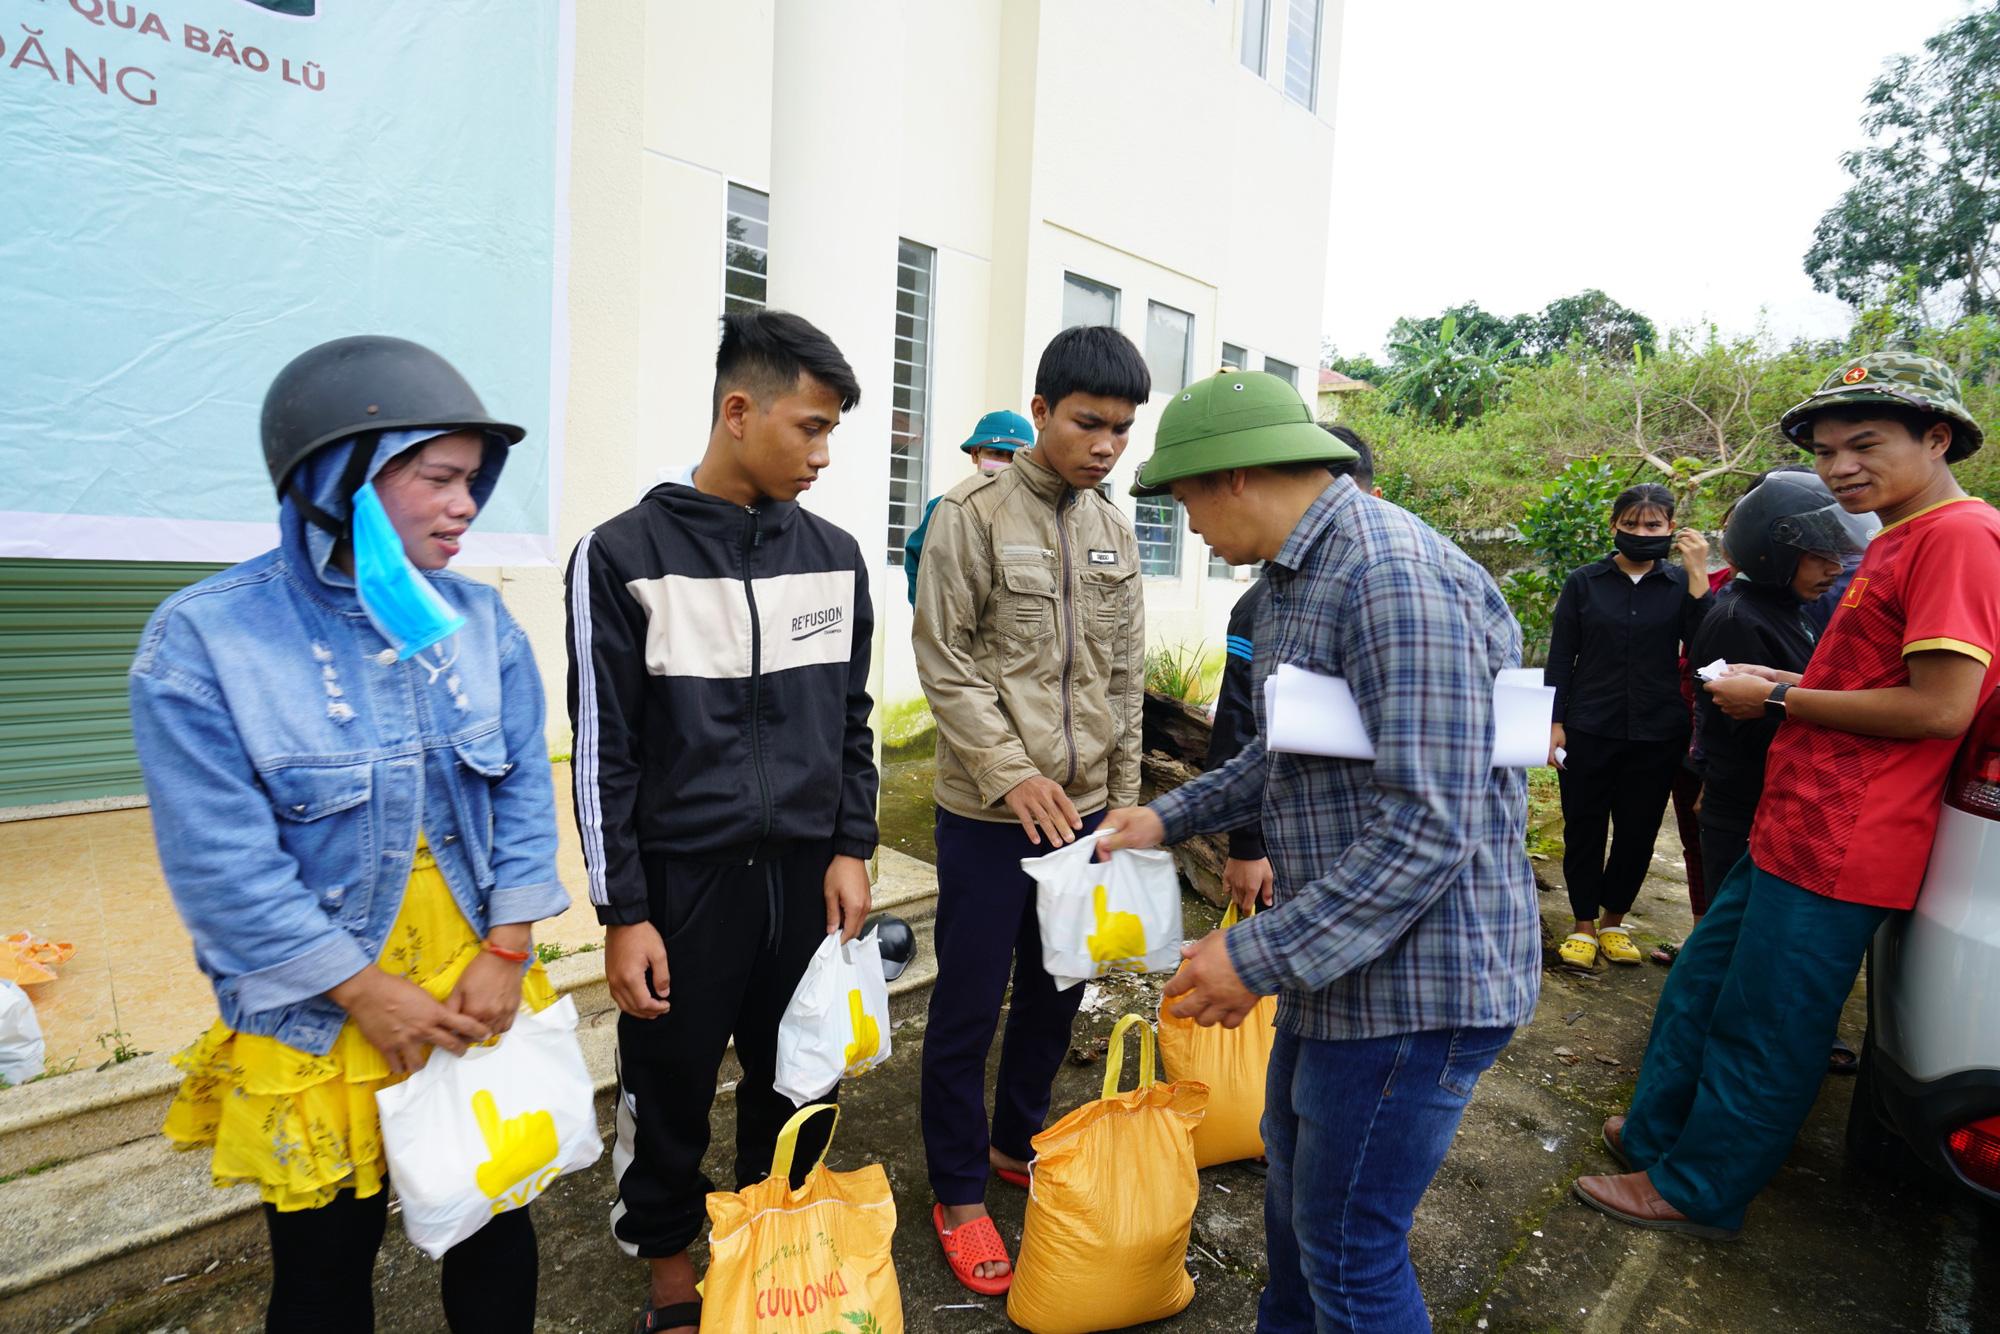 Quảng Nam: Tập đoàn FVG tặng 1100 suất quà hỗ trợ đồng bào miền núi bị ảnh hưởng do bão lũ  - Ảnh 3.